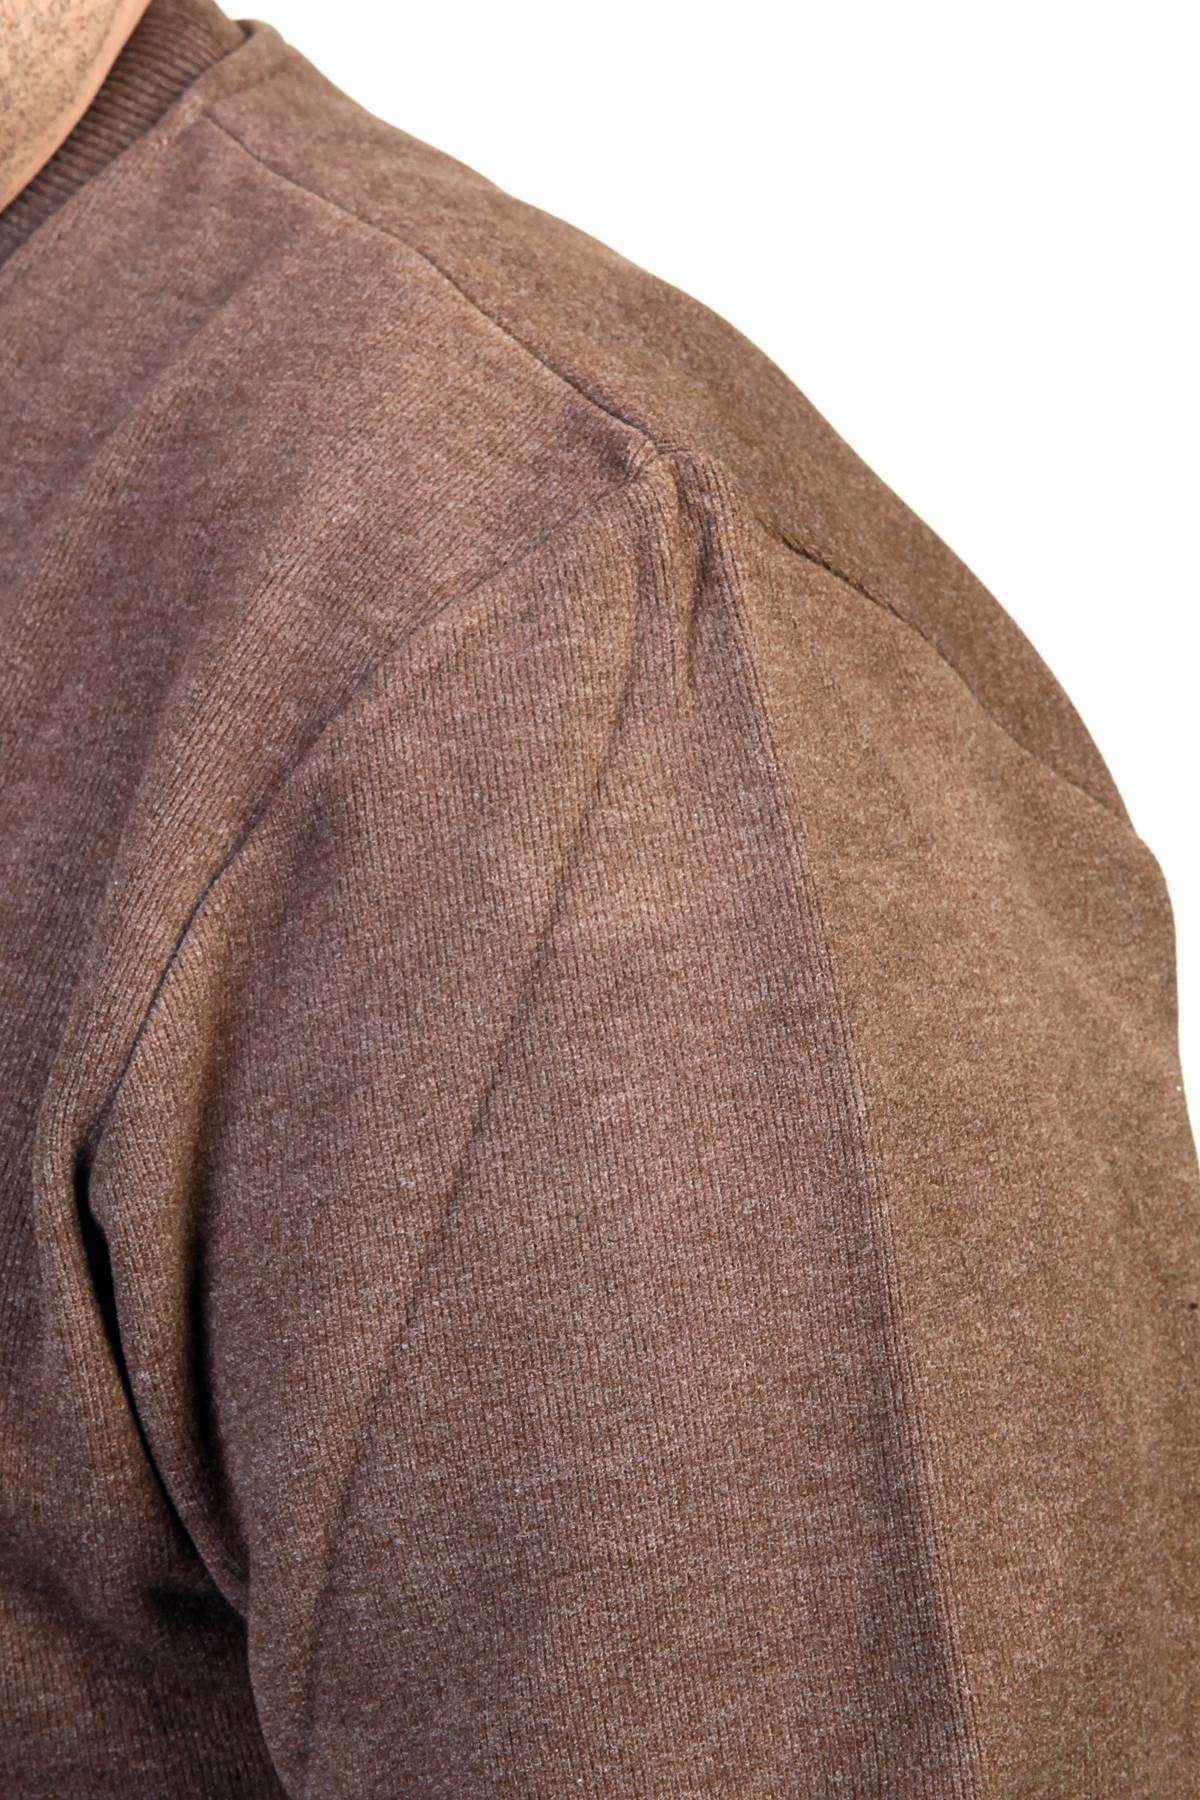 Önü Yazılı Bisiklet Yaka Selanik Süper Battal Sweatshirt Kahve